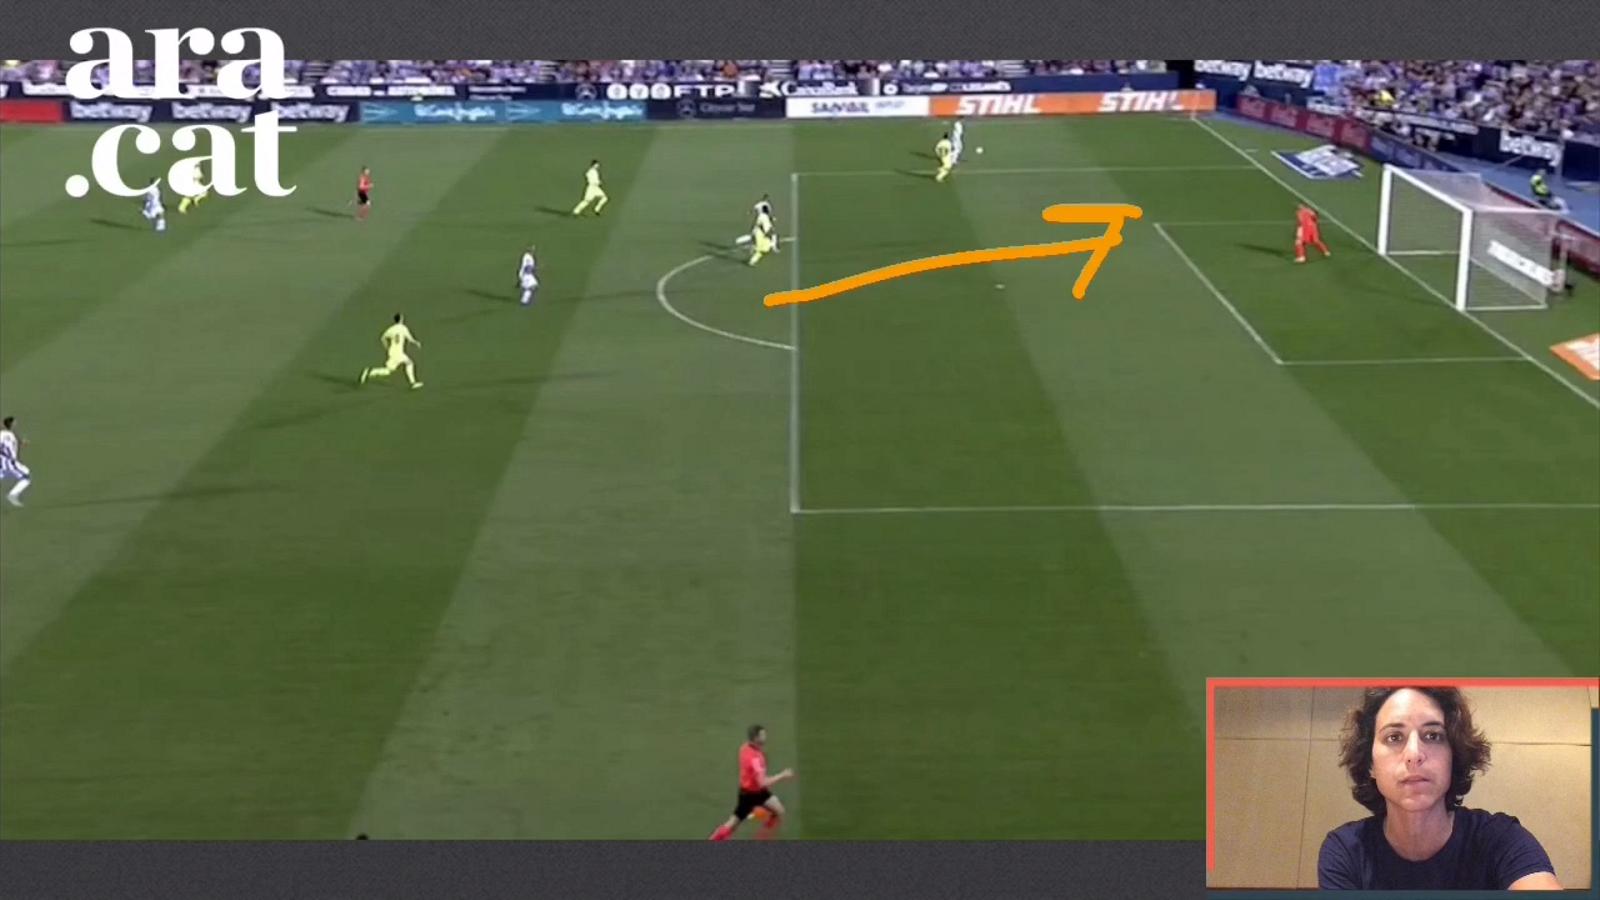 L'anàlisi del Leganés-Barça en vídeo: desajustos defensius i el bloqueig a Busquets